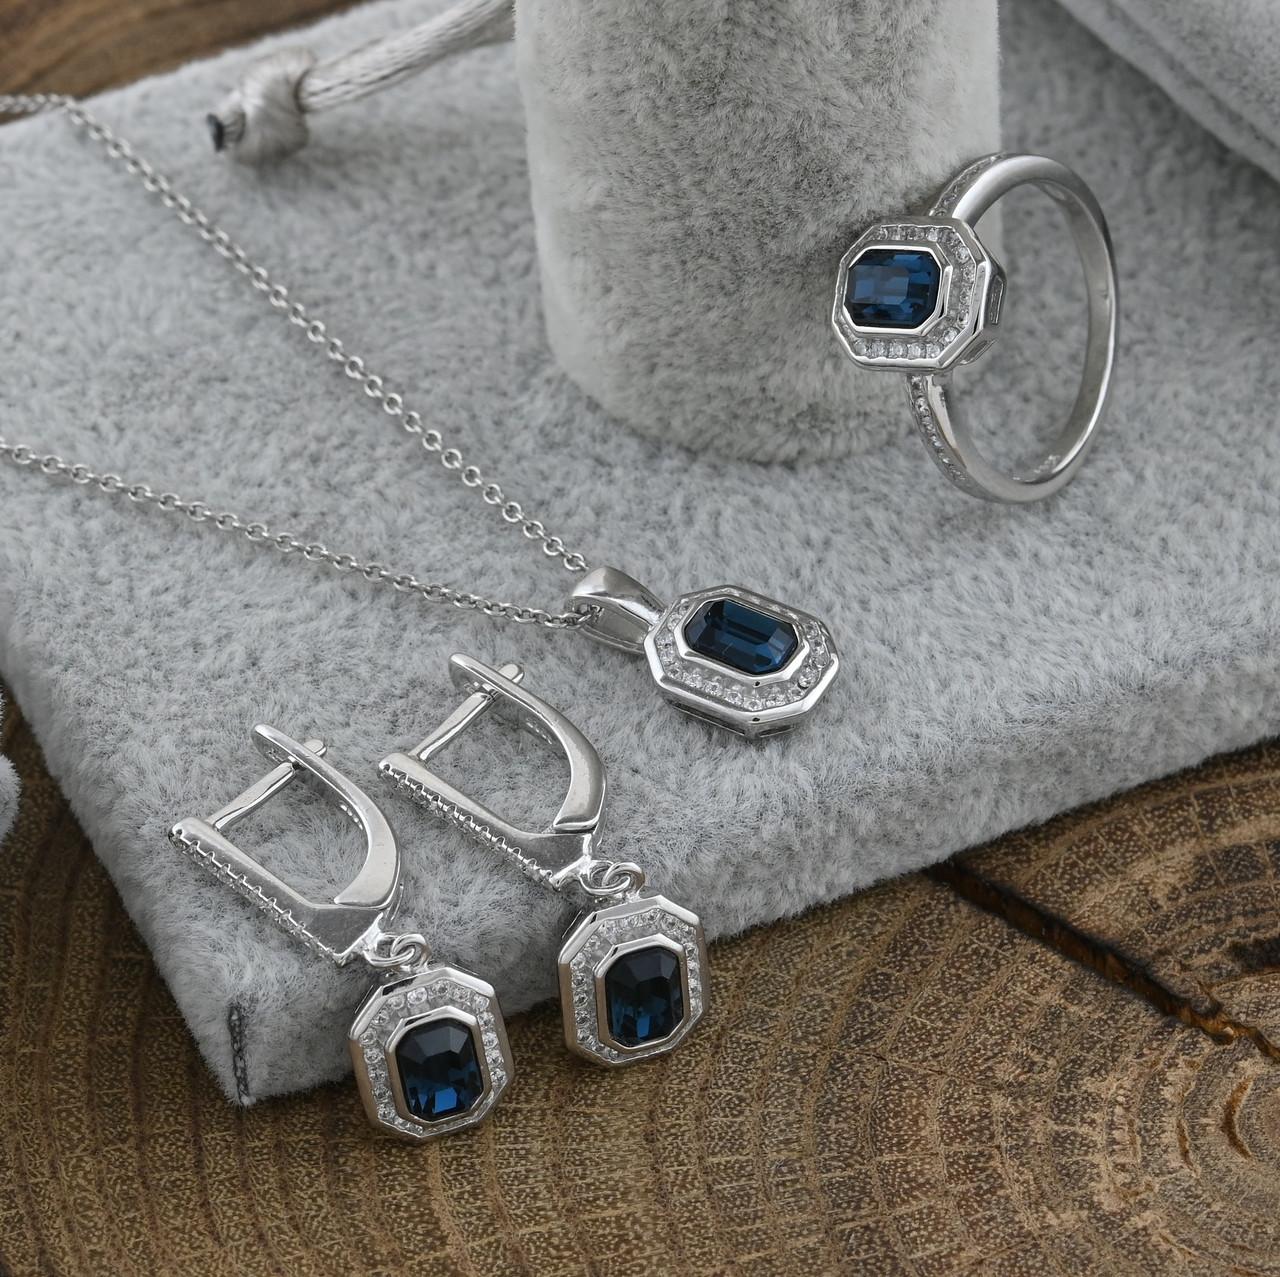 Серебряный набор кольцо размер 18 + цепочка 55 см + серьги 27х10 мм + кулон 17х10 мм вставка синие фианиты вес